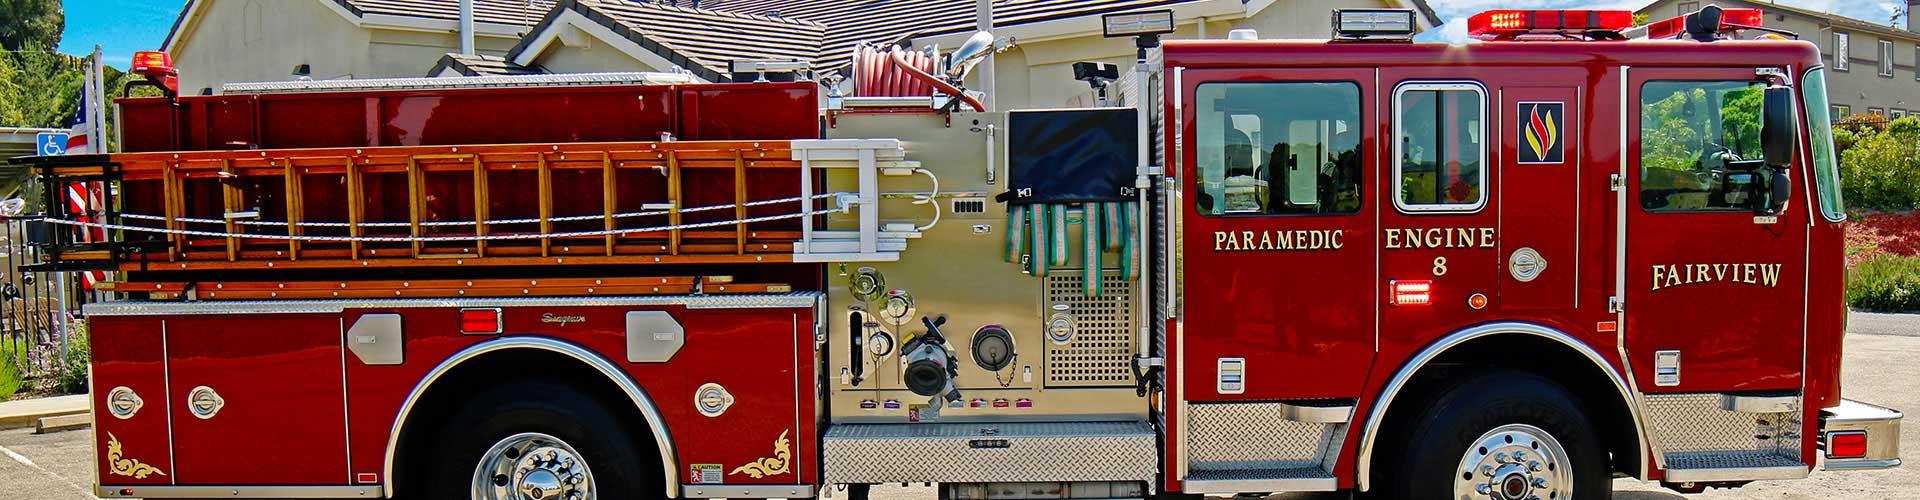 fairview-fire-department-fire-truck